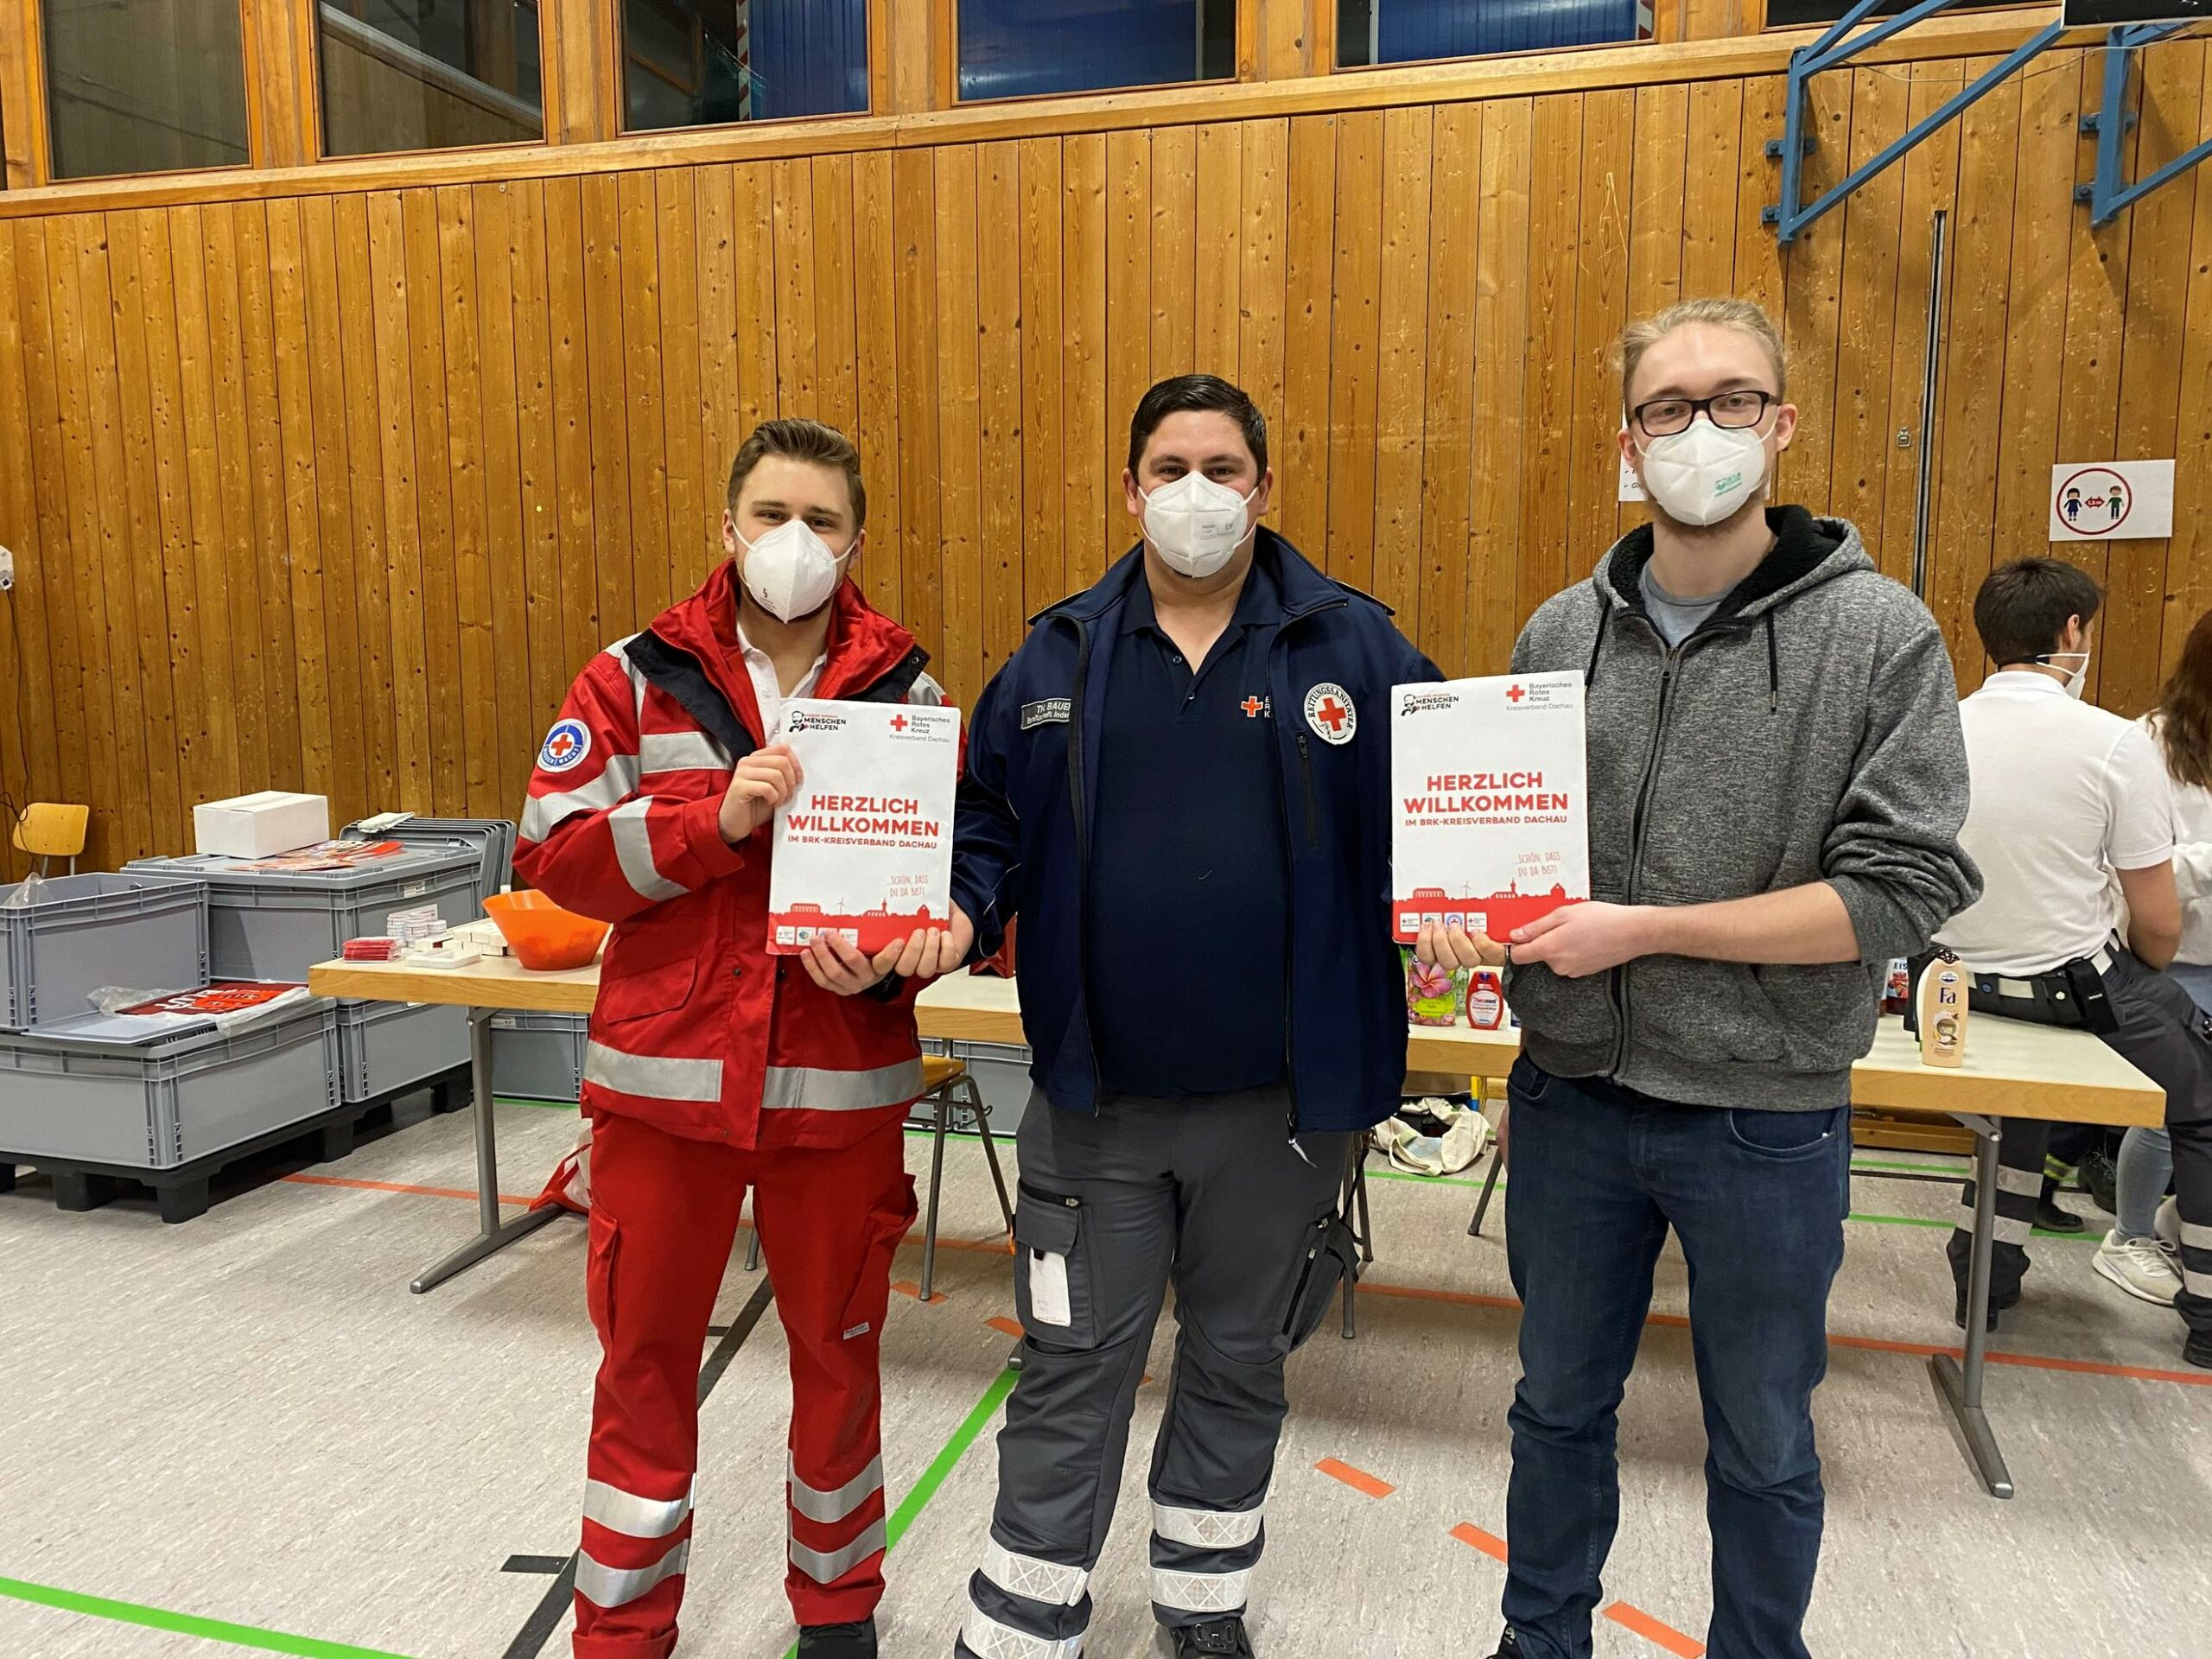 Foto: Bereitschaftsleiter Thomas Bauer heißt die beiden neuen HvO-Mitglieder Friedemann Hasler (links) und Sebastian Dirlenbach (rechts) willkommen.